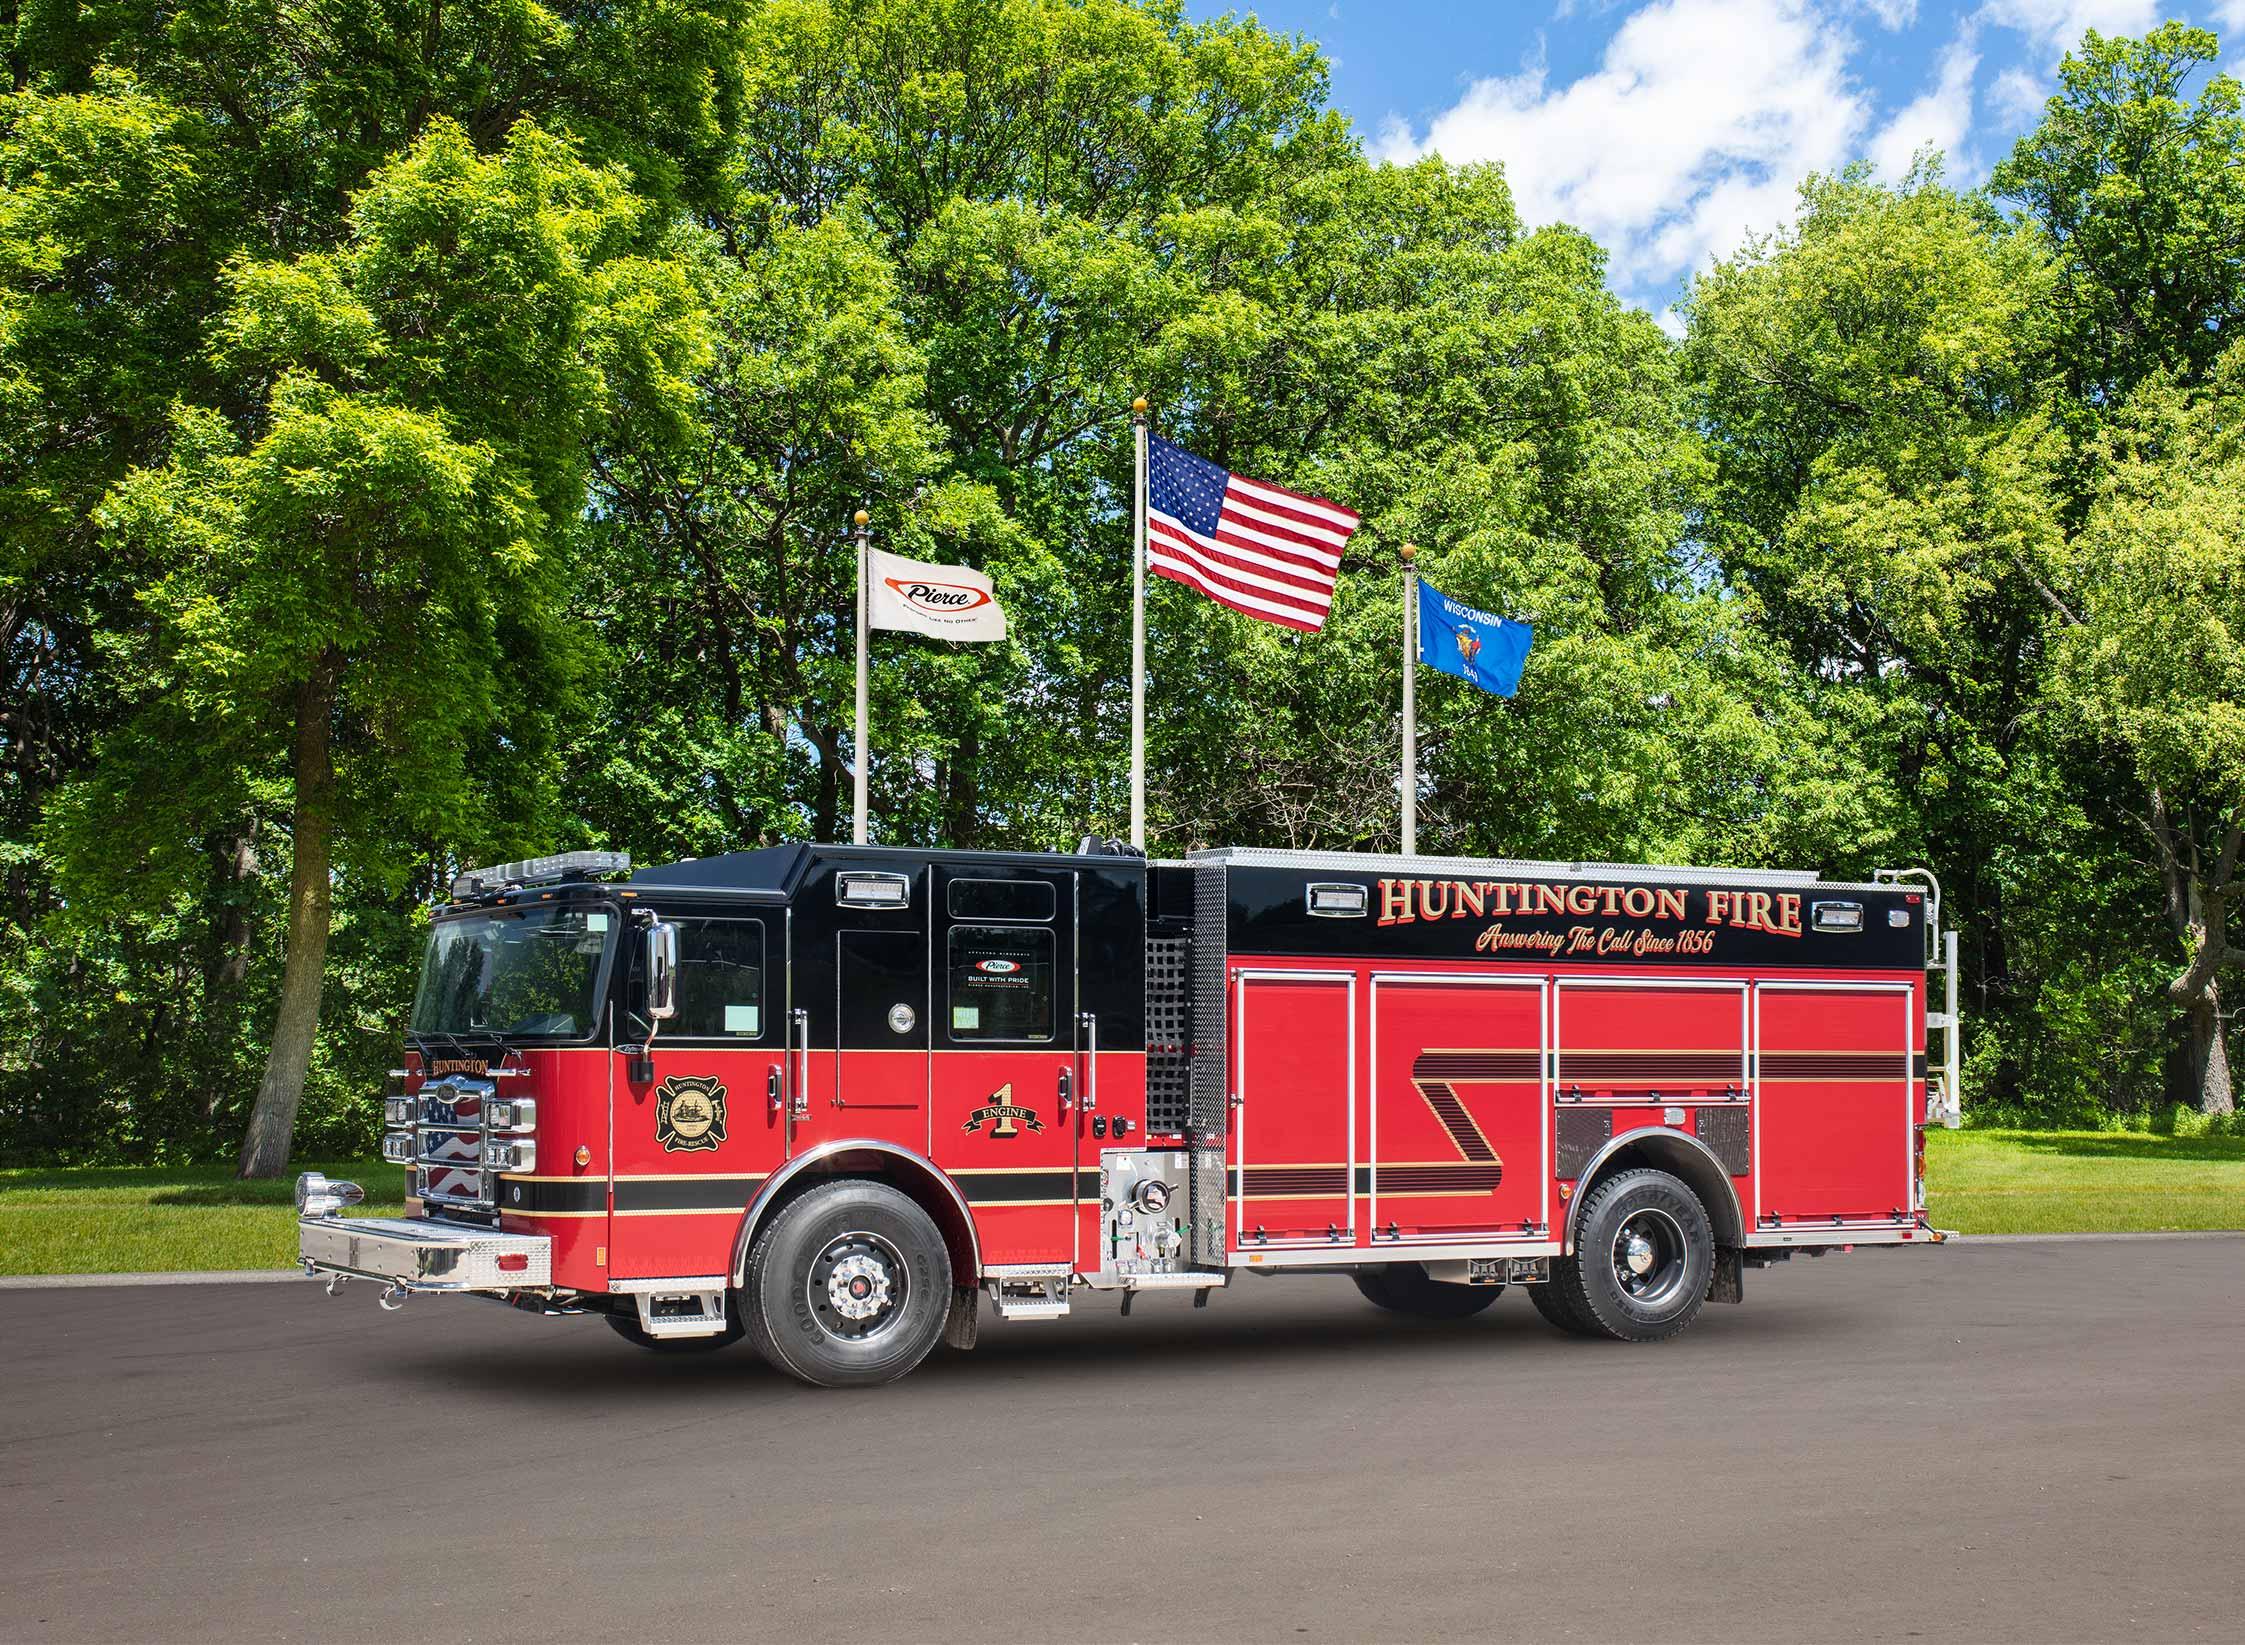 Huntington Fire Department - Pumper